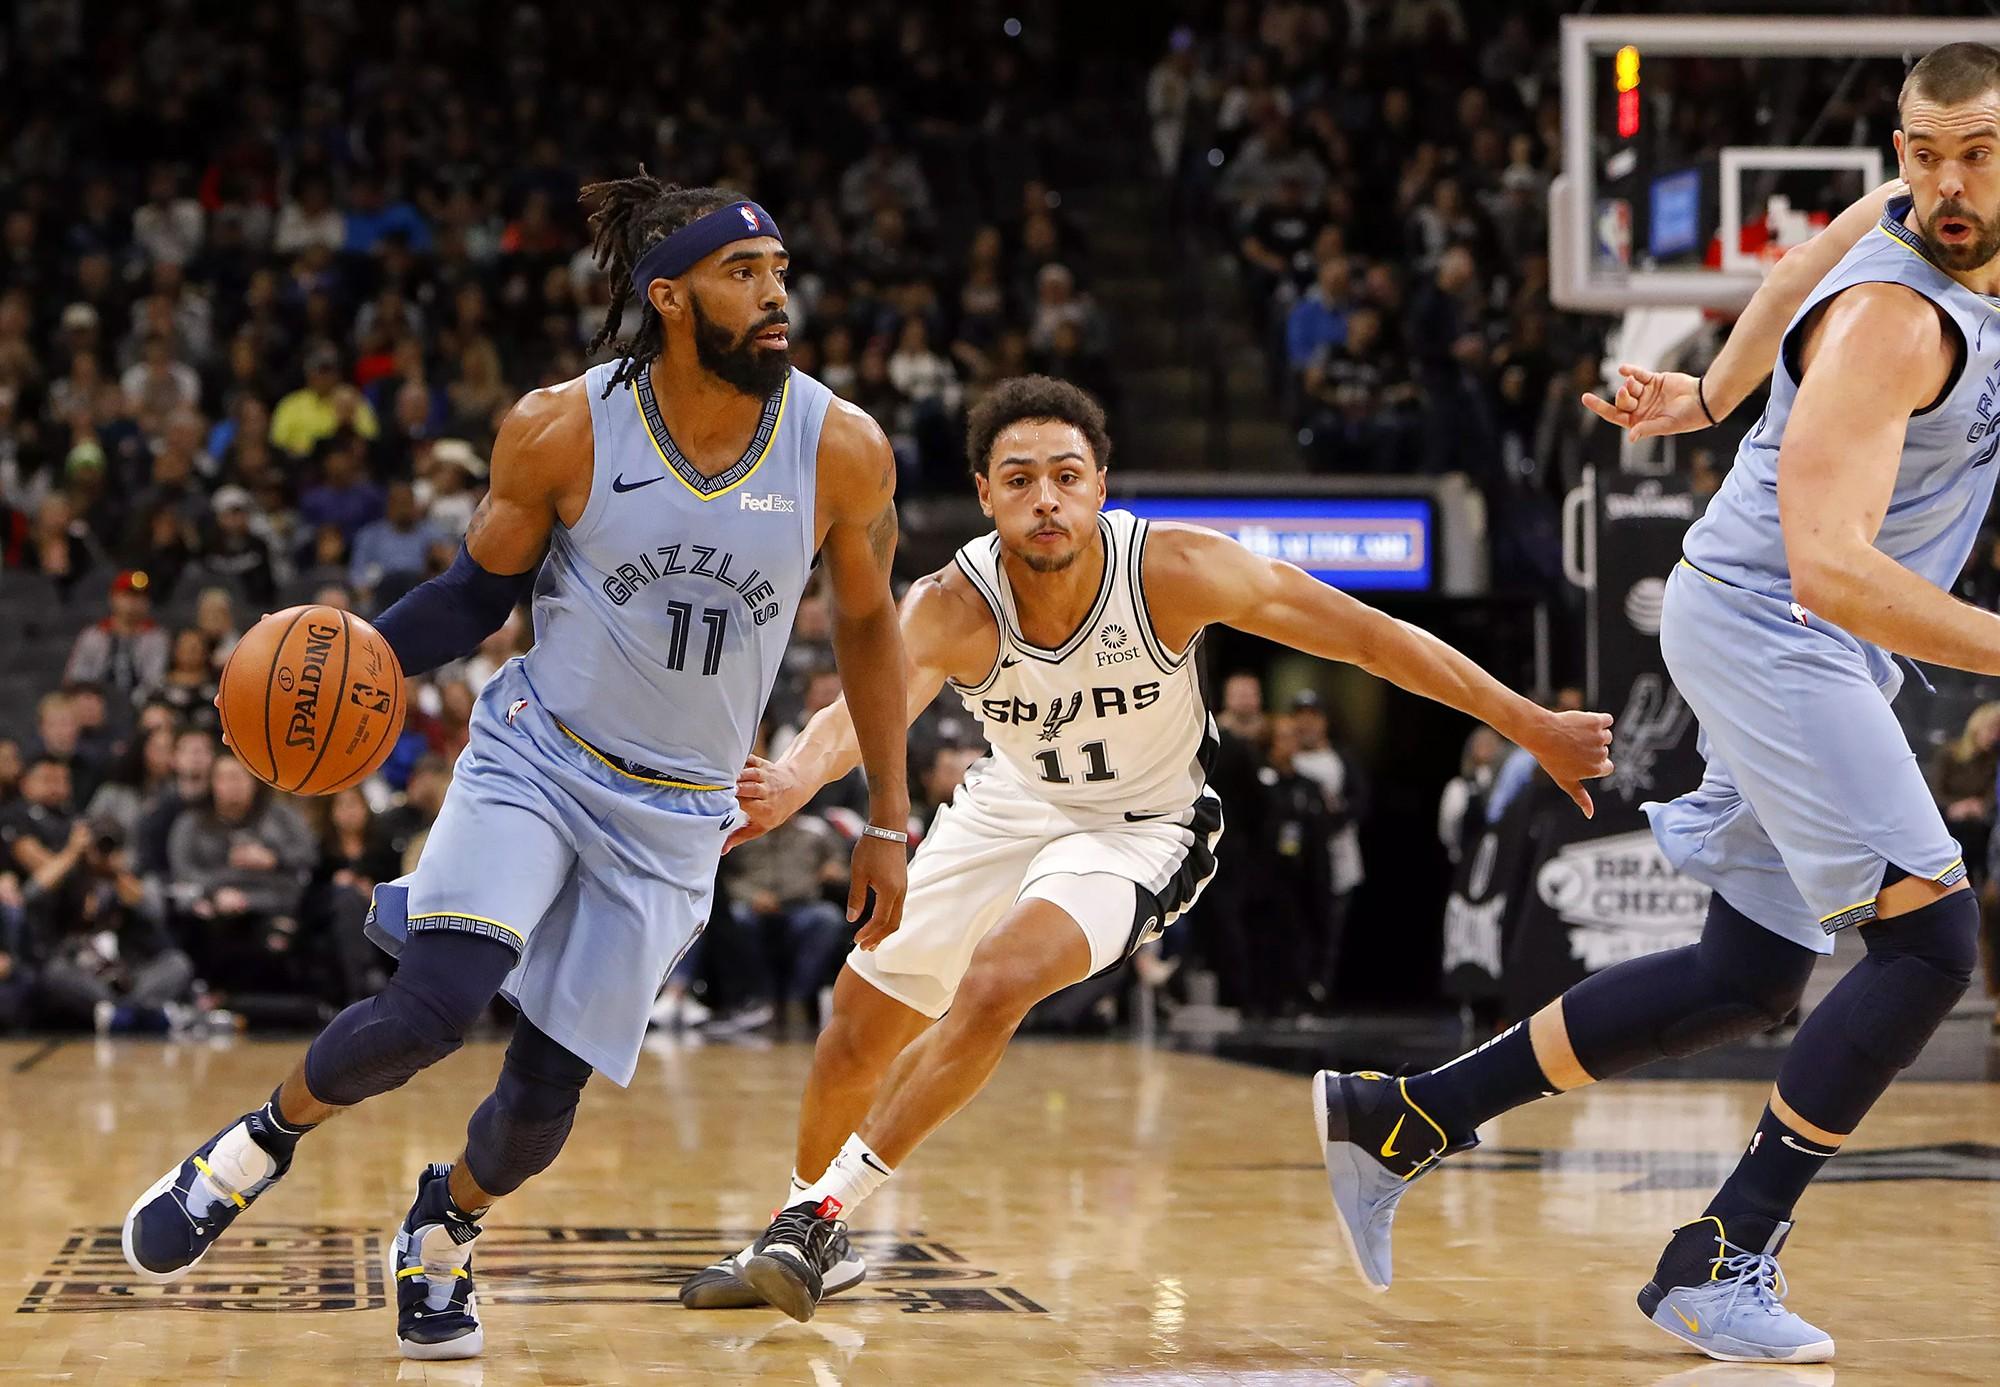 Derrick Rose, LA Clippers, Memphis Grizzlies và những điều thú vị nhất sau 20 trận đầu tiên NBA 2018-19 - Ảnh 7.